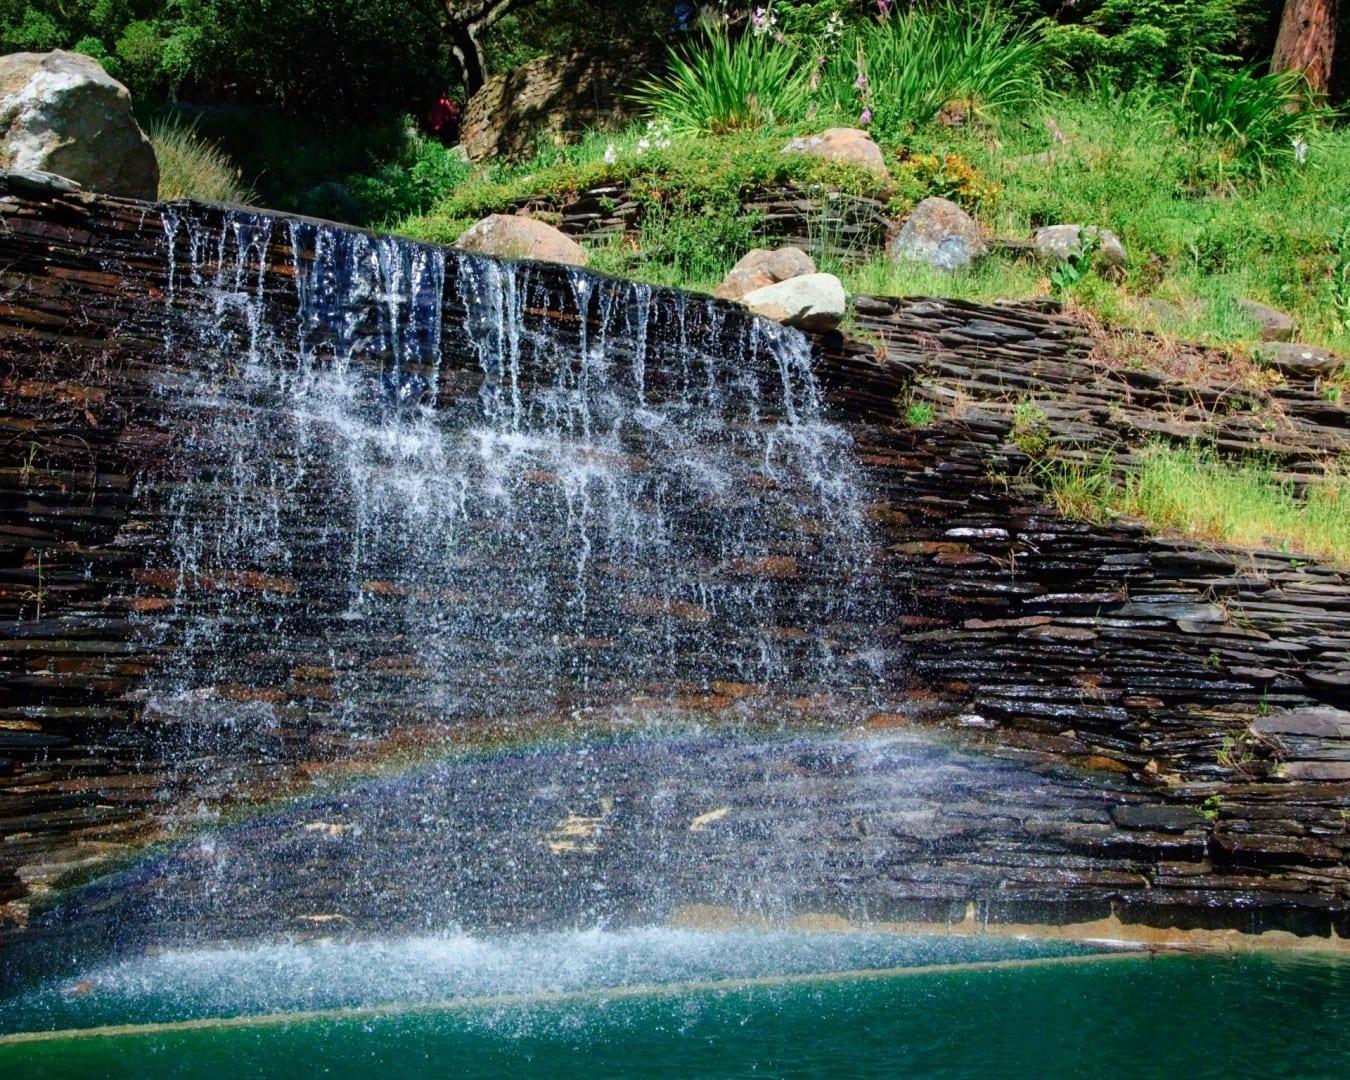 La cascada del Parque Joaquín Miller. Oakland CA Estados Unidos